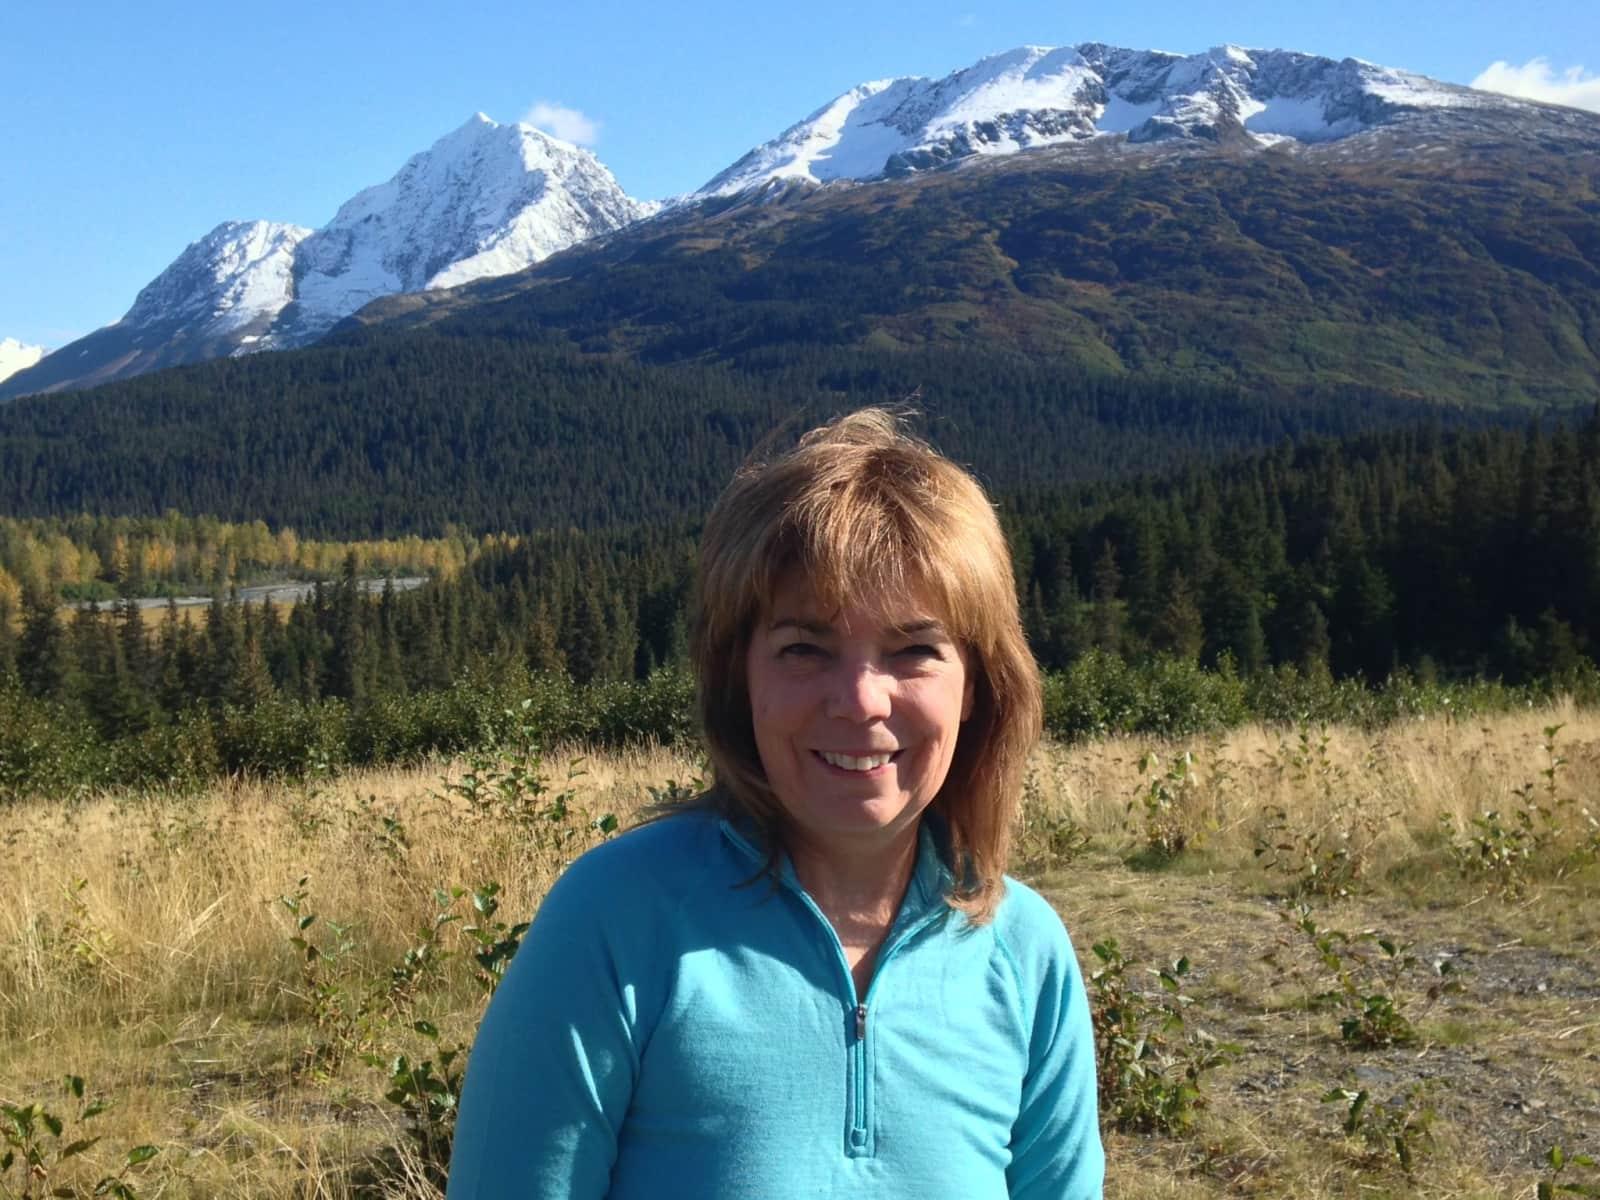 Frances from Tucson, Arizona, United States